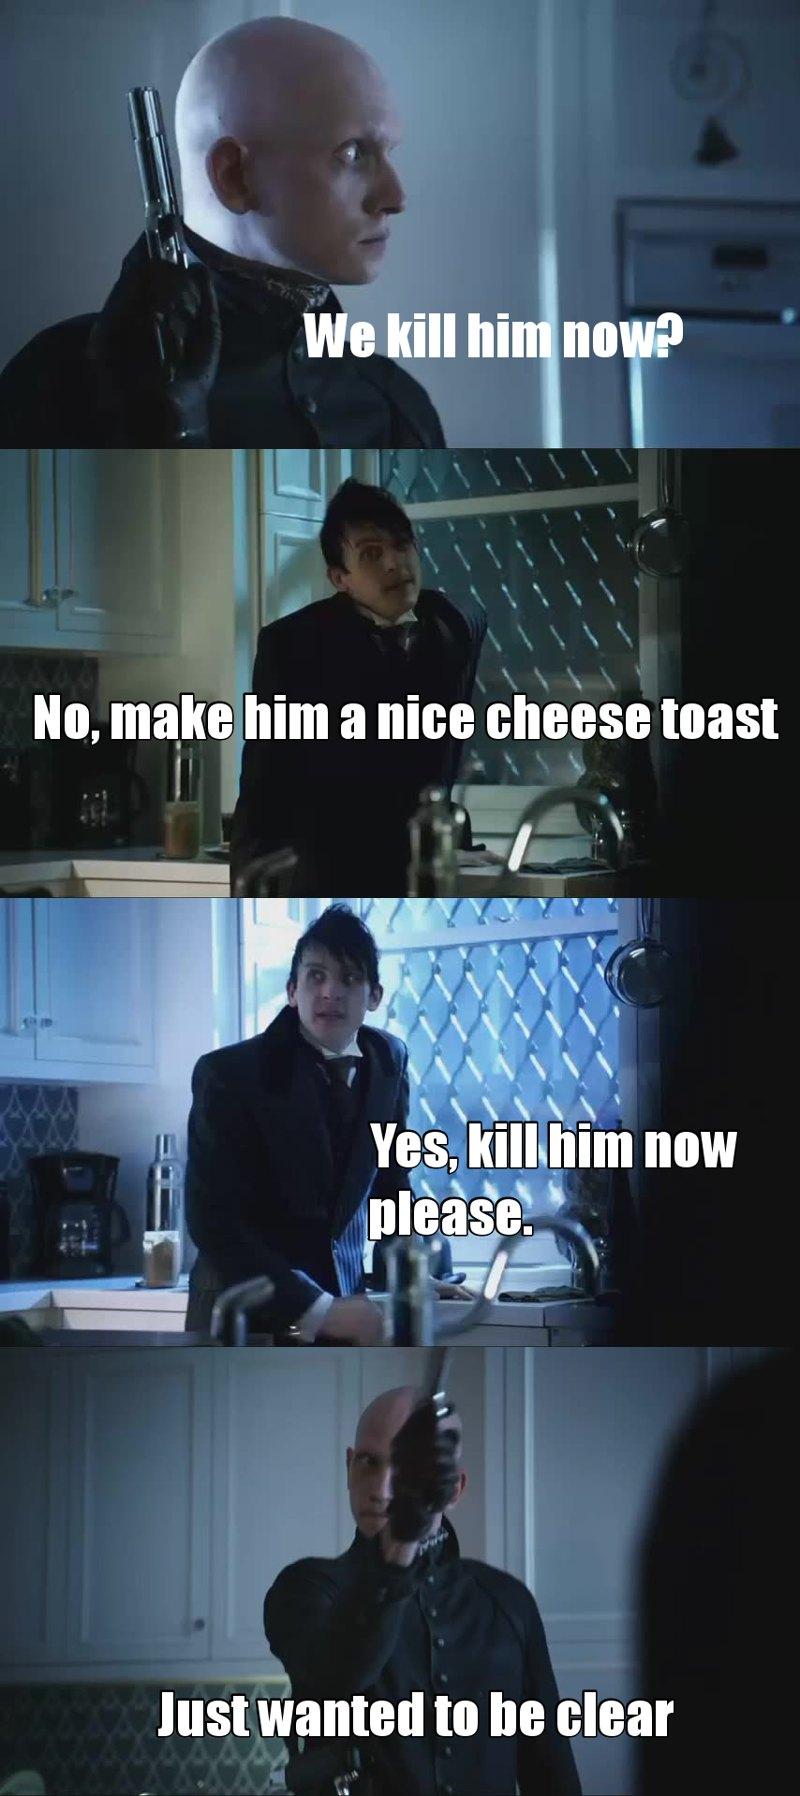 BEST SCENE, I LAUGHED SO HARD